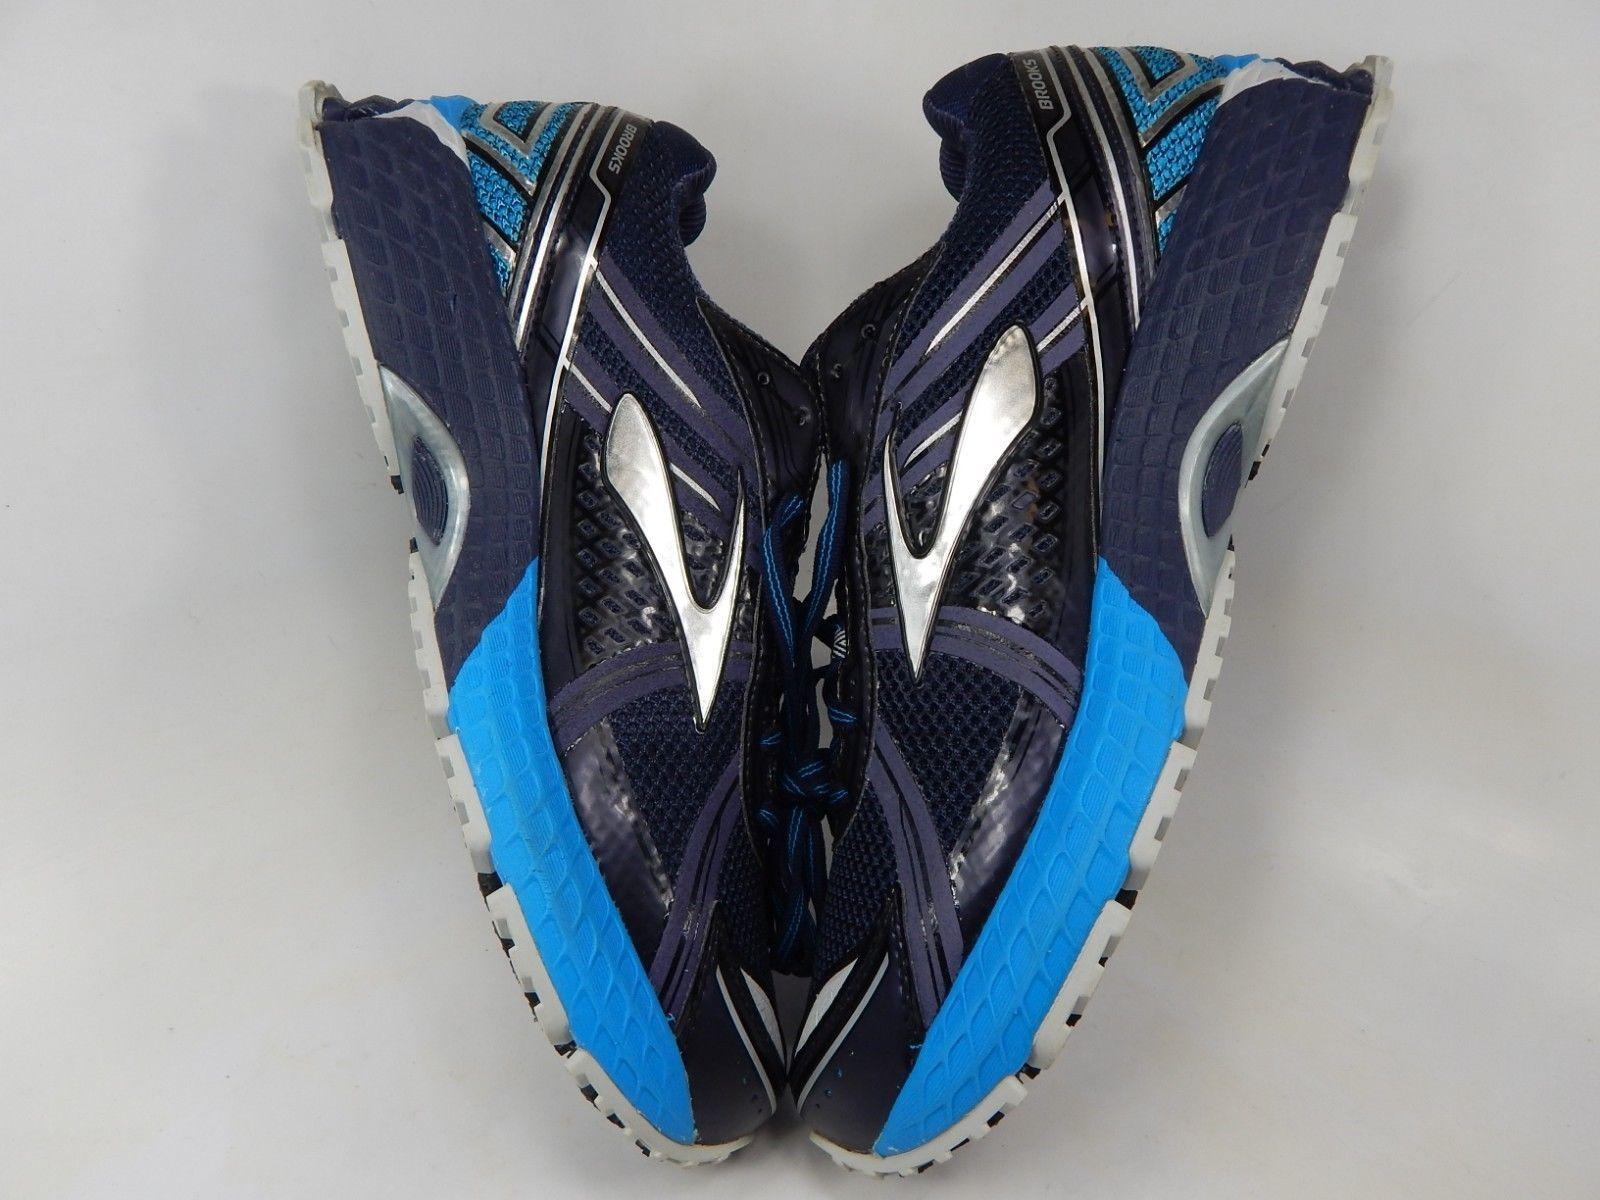 MISMATCH Brooks ASR 12 GTX Gore-Tex Sz 9 M (D) Left & 11 M (D) Right Men's Shoes